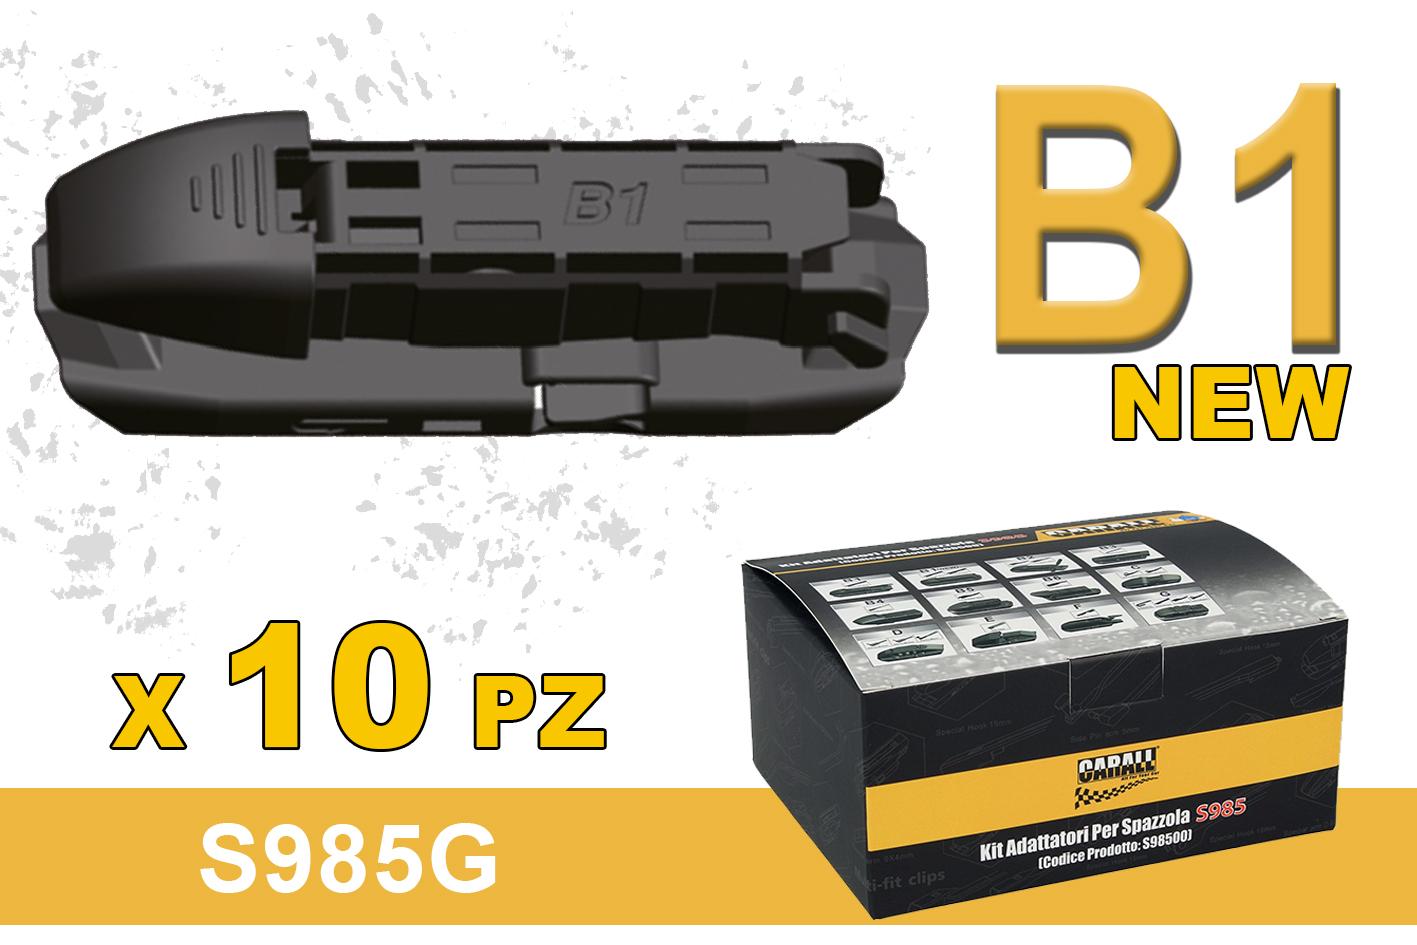 Kit 10 Attacchi B1 New Per Spazzole Tergicristallo Carall S985 Flat e T191 Ibrida - KIT